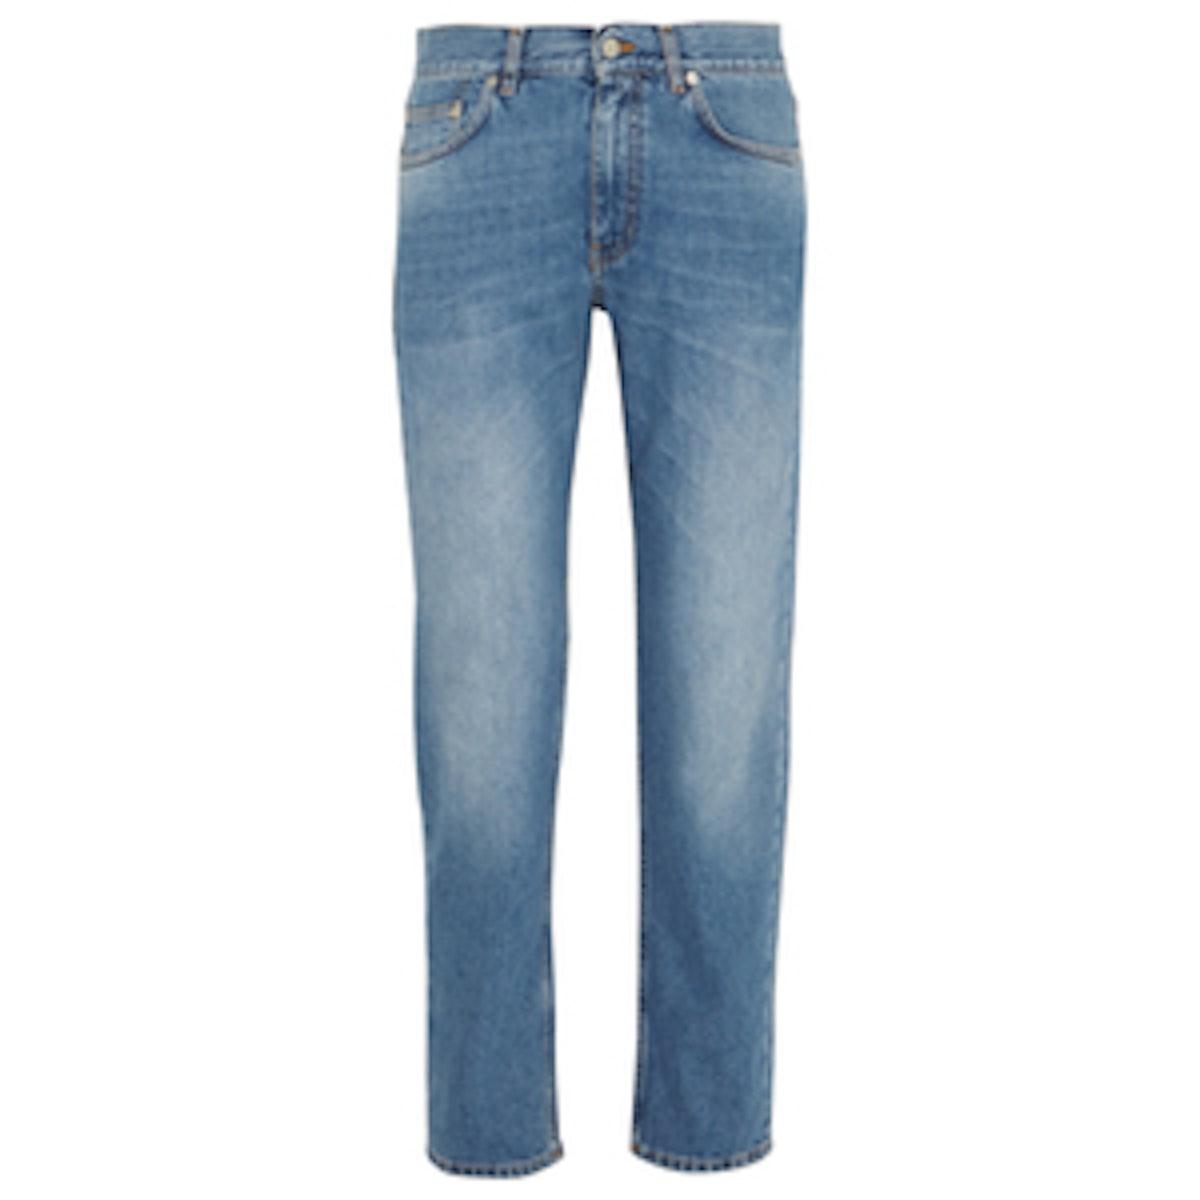 Boy Faded Mid-Rise Boyfriend Jeans